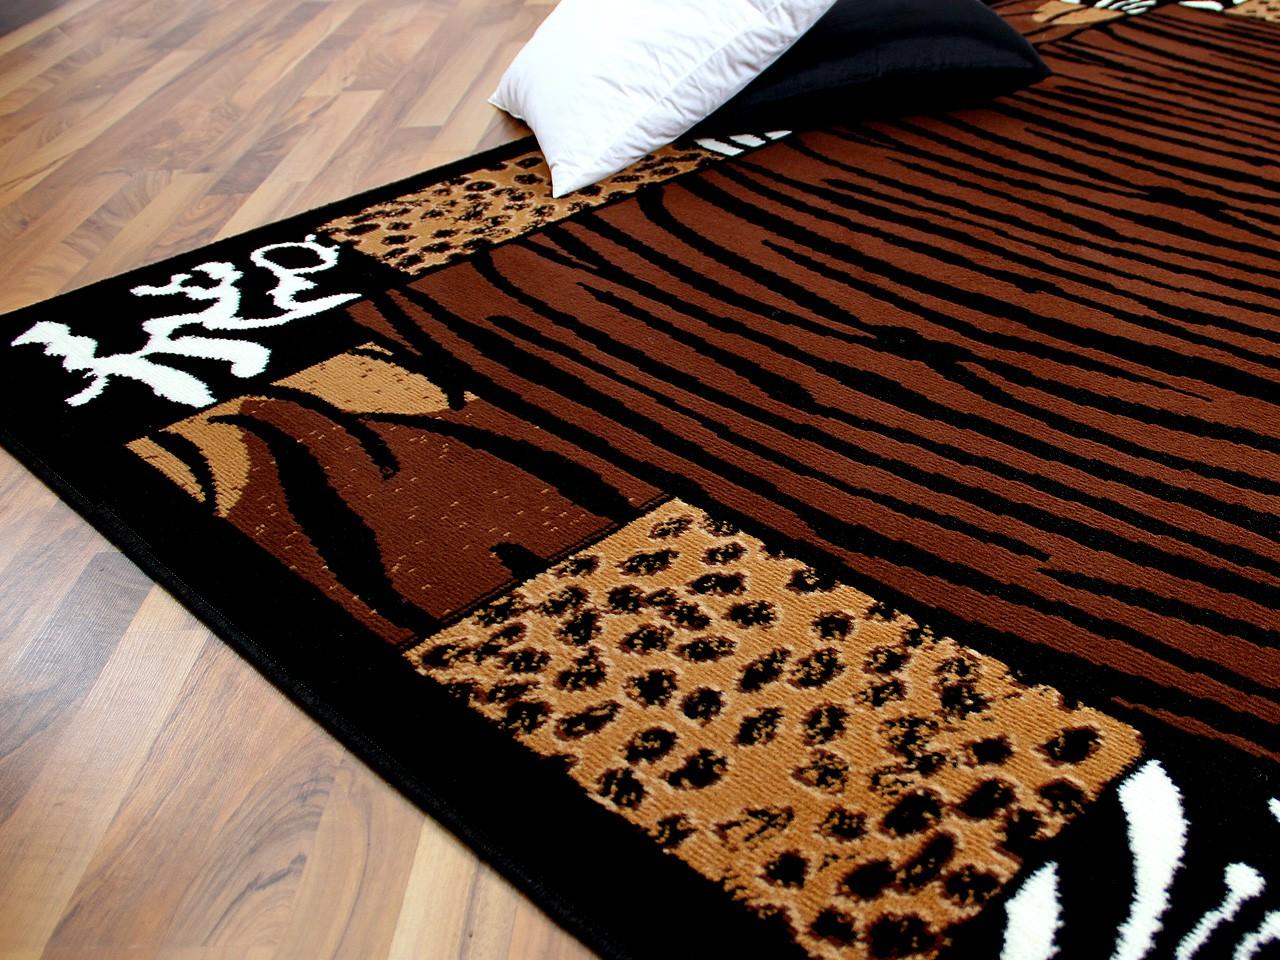 Teppich Trendline Afrika Bordüre Braun Schwarz in 4 Größen